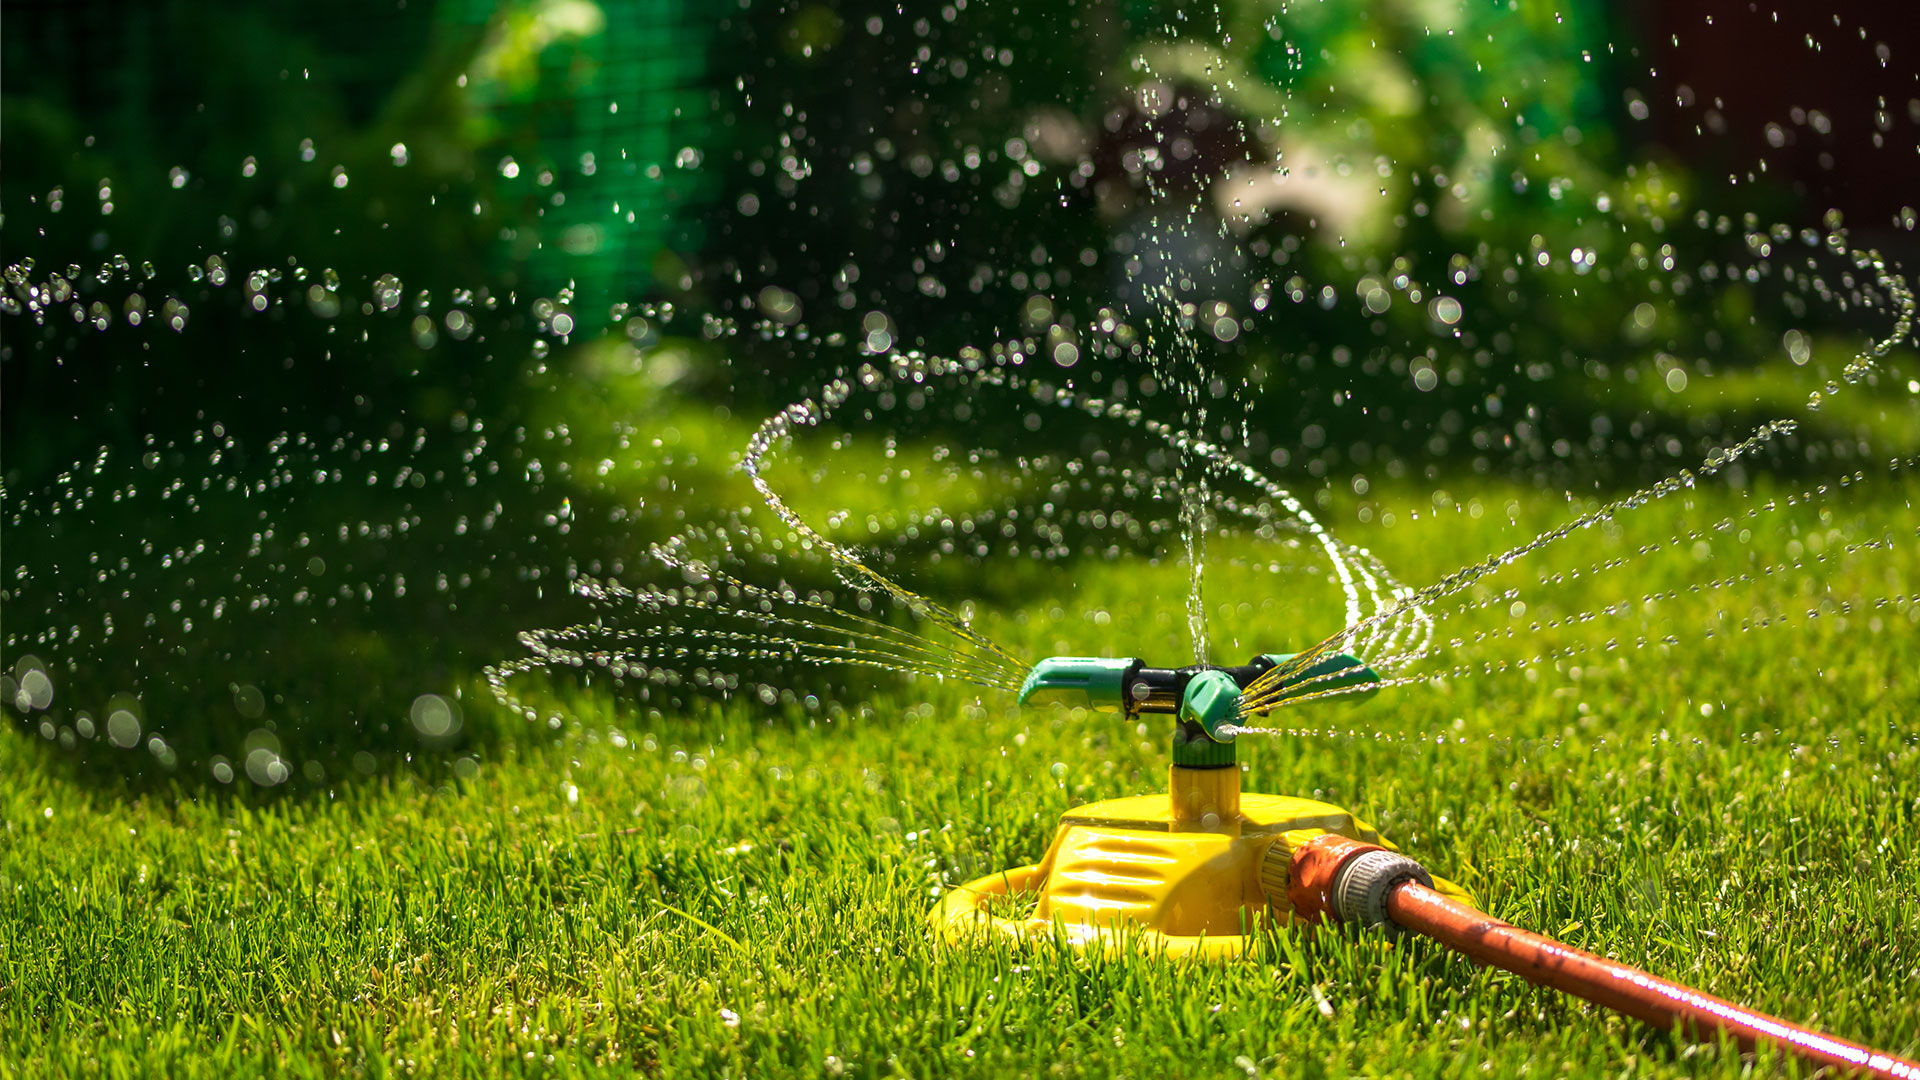 závlažovanie trávnika v záhrade